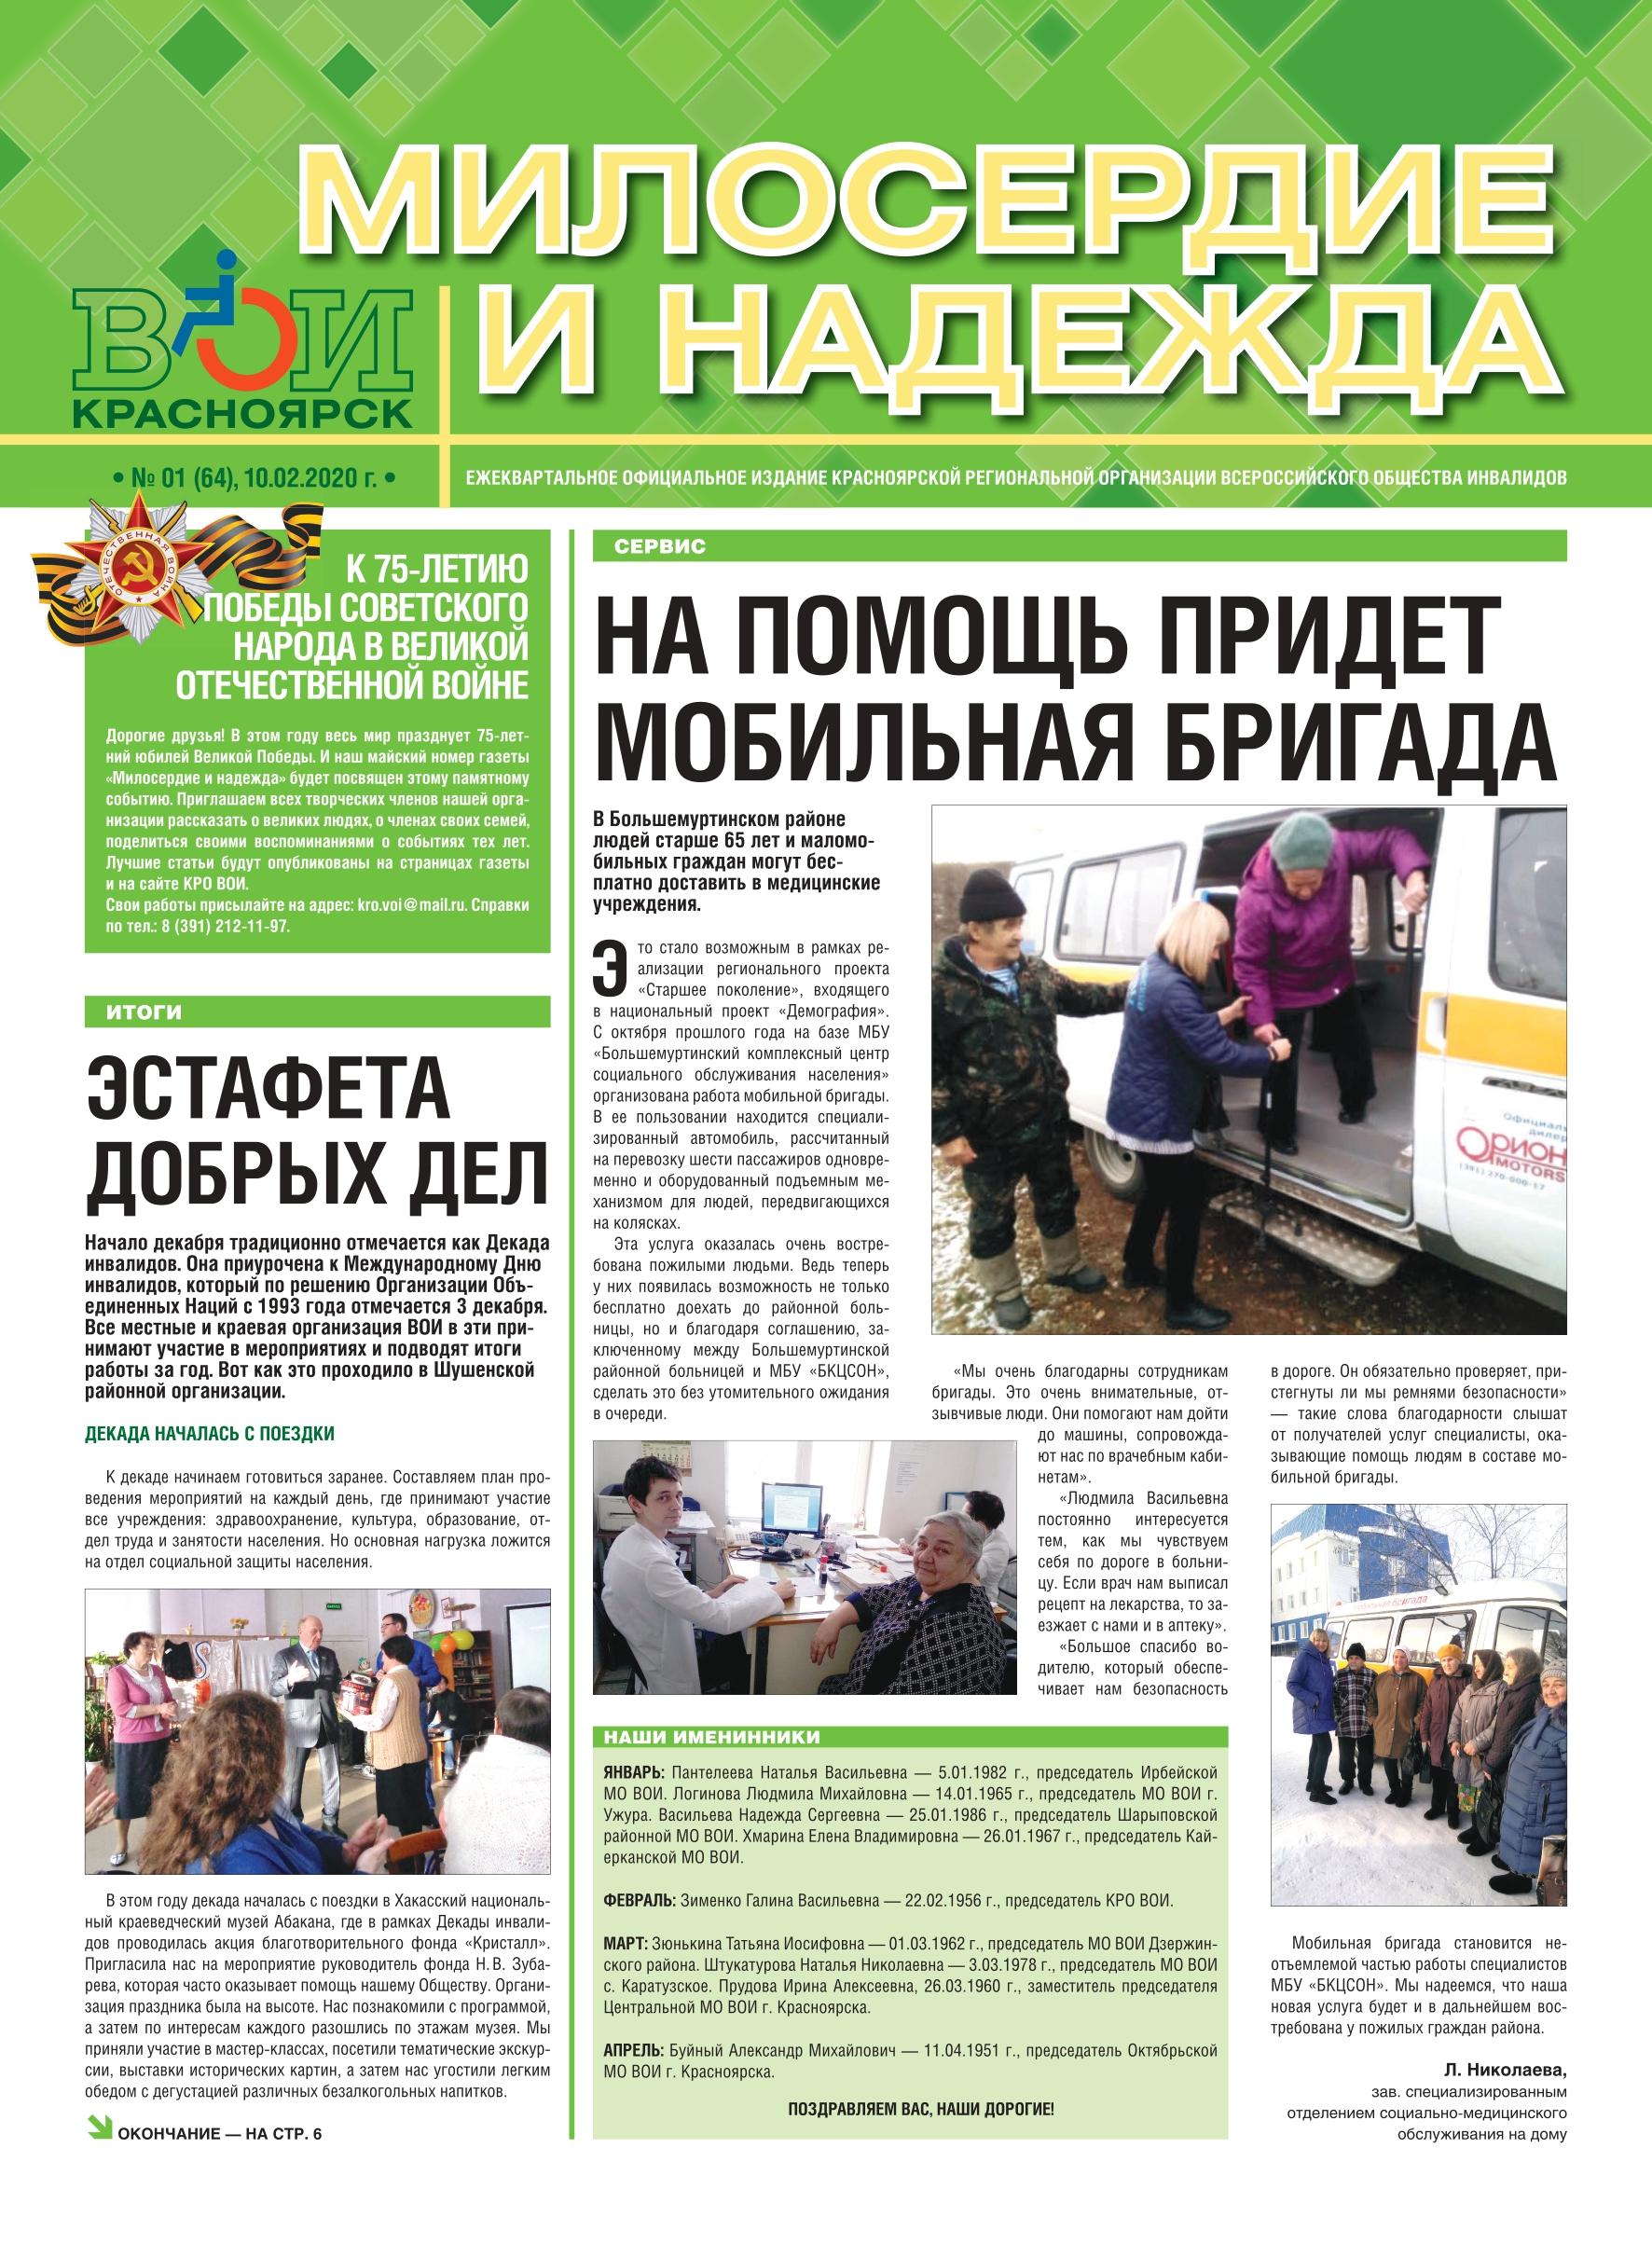 ГАЗЕТА «МИЛОСЕРДИЕ И НАДЕЖДА», ВЫПУСК №64